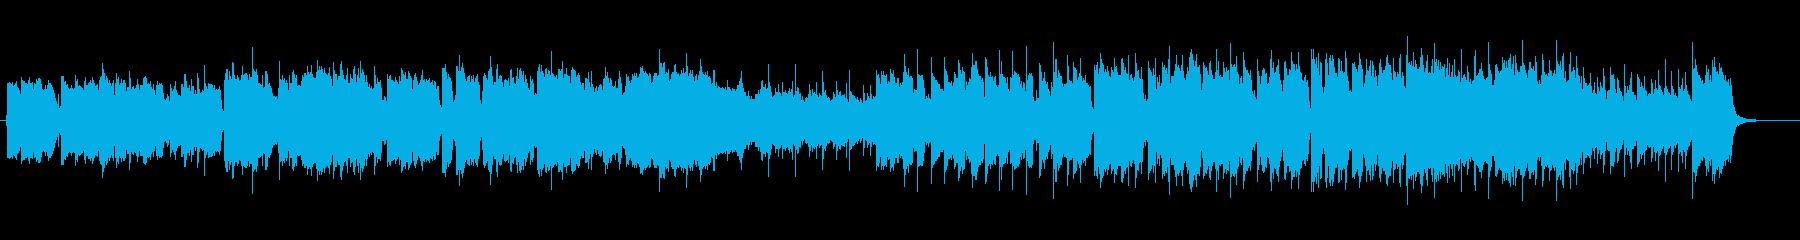 爽やかなケルト系アコースティックの再生済みの波形